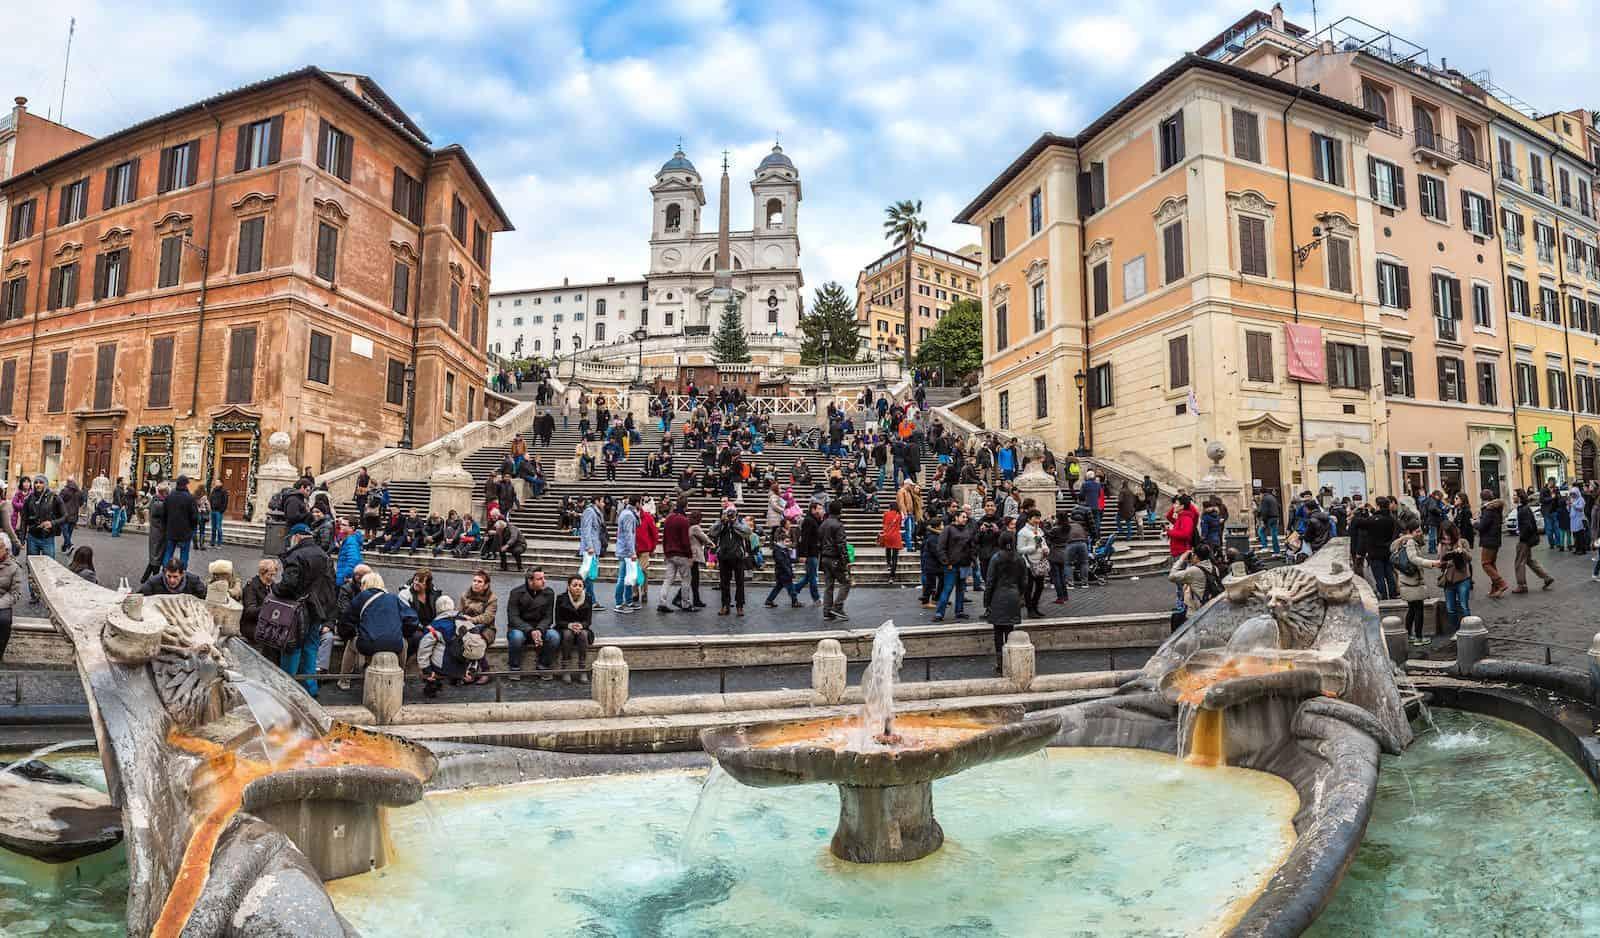 The Spanish Steps (Italian: Scalinata di Trinità dei Monti)